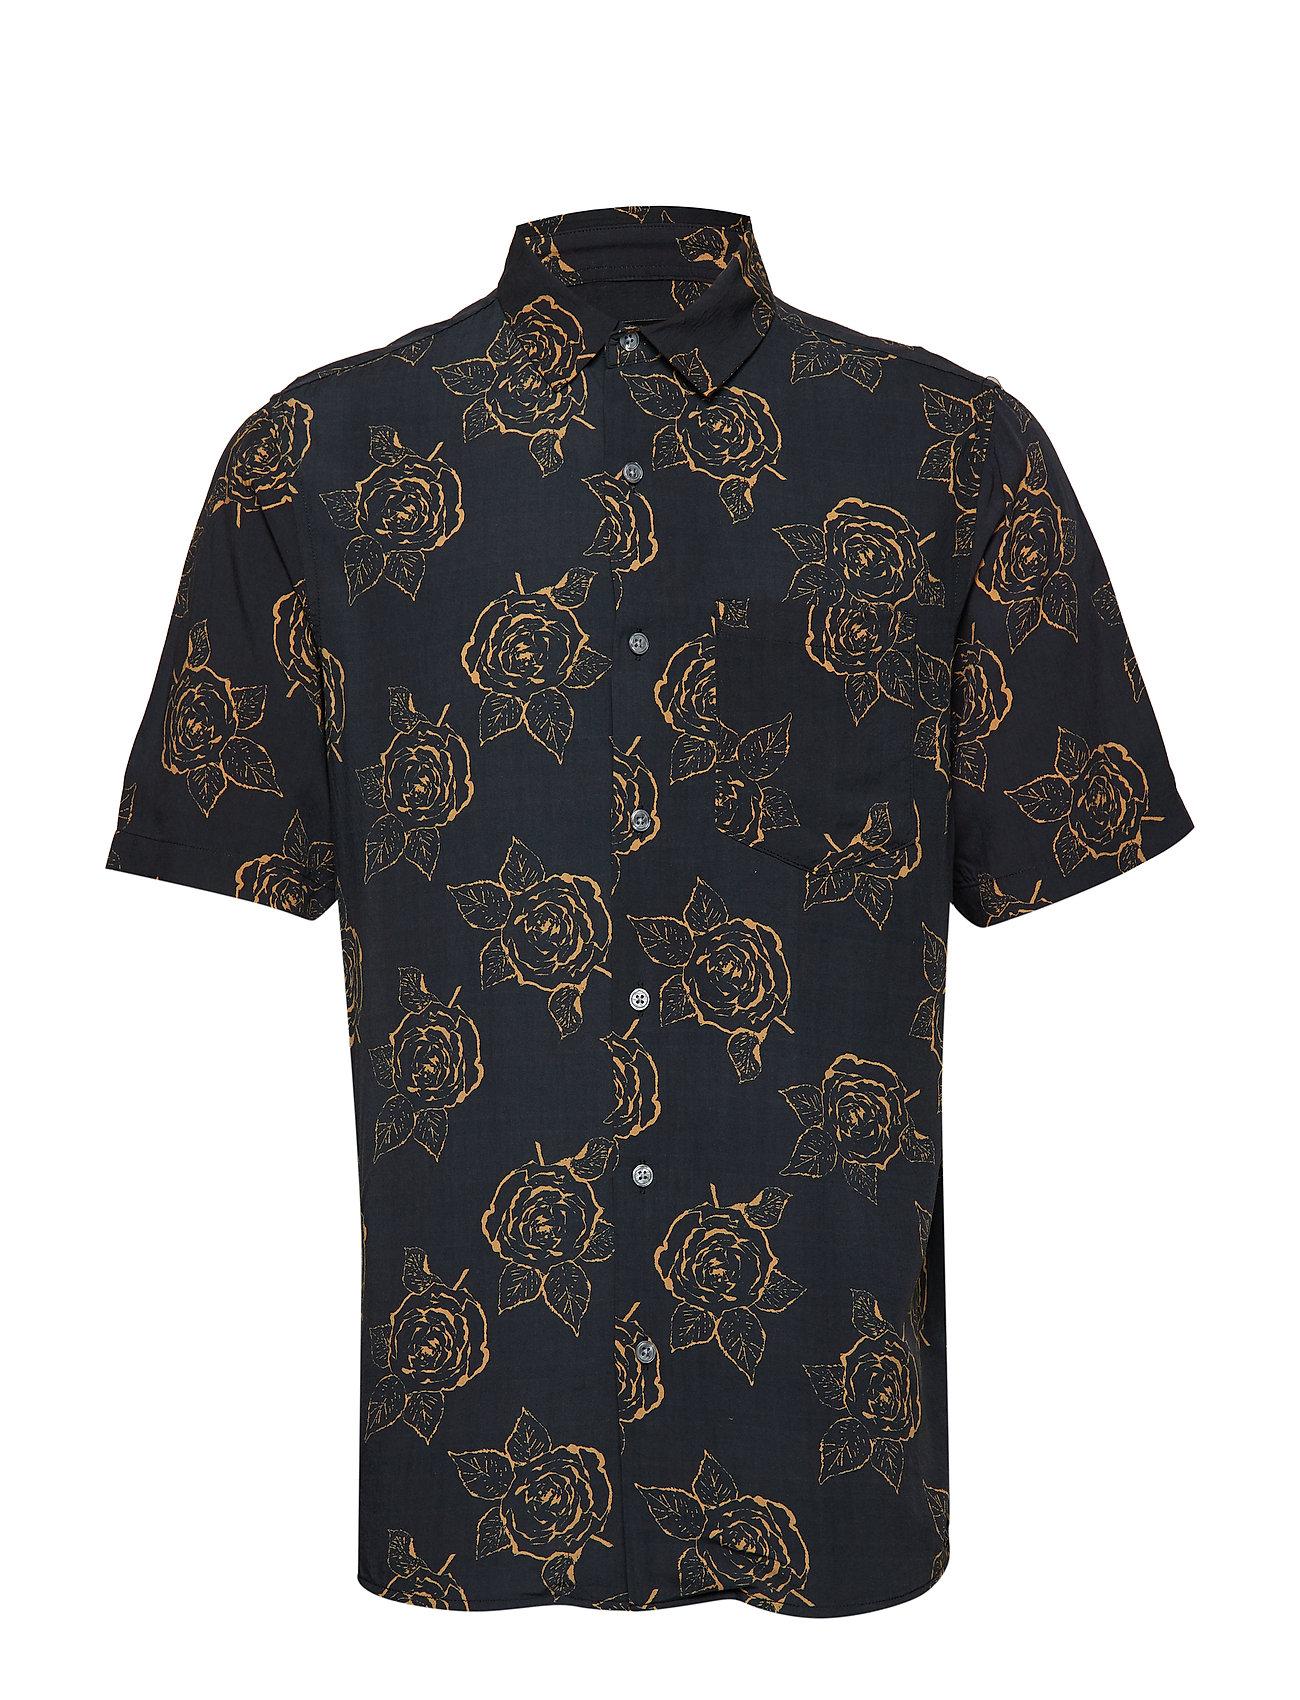 NEUW Rose S/S Shirt - BLACK